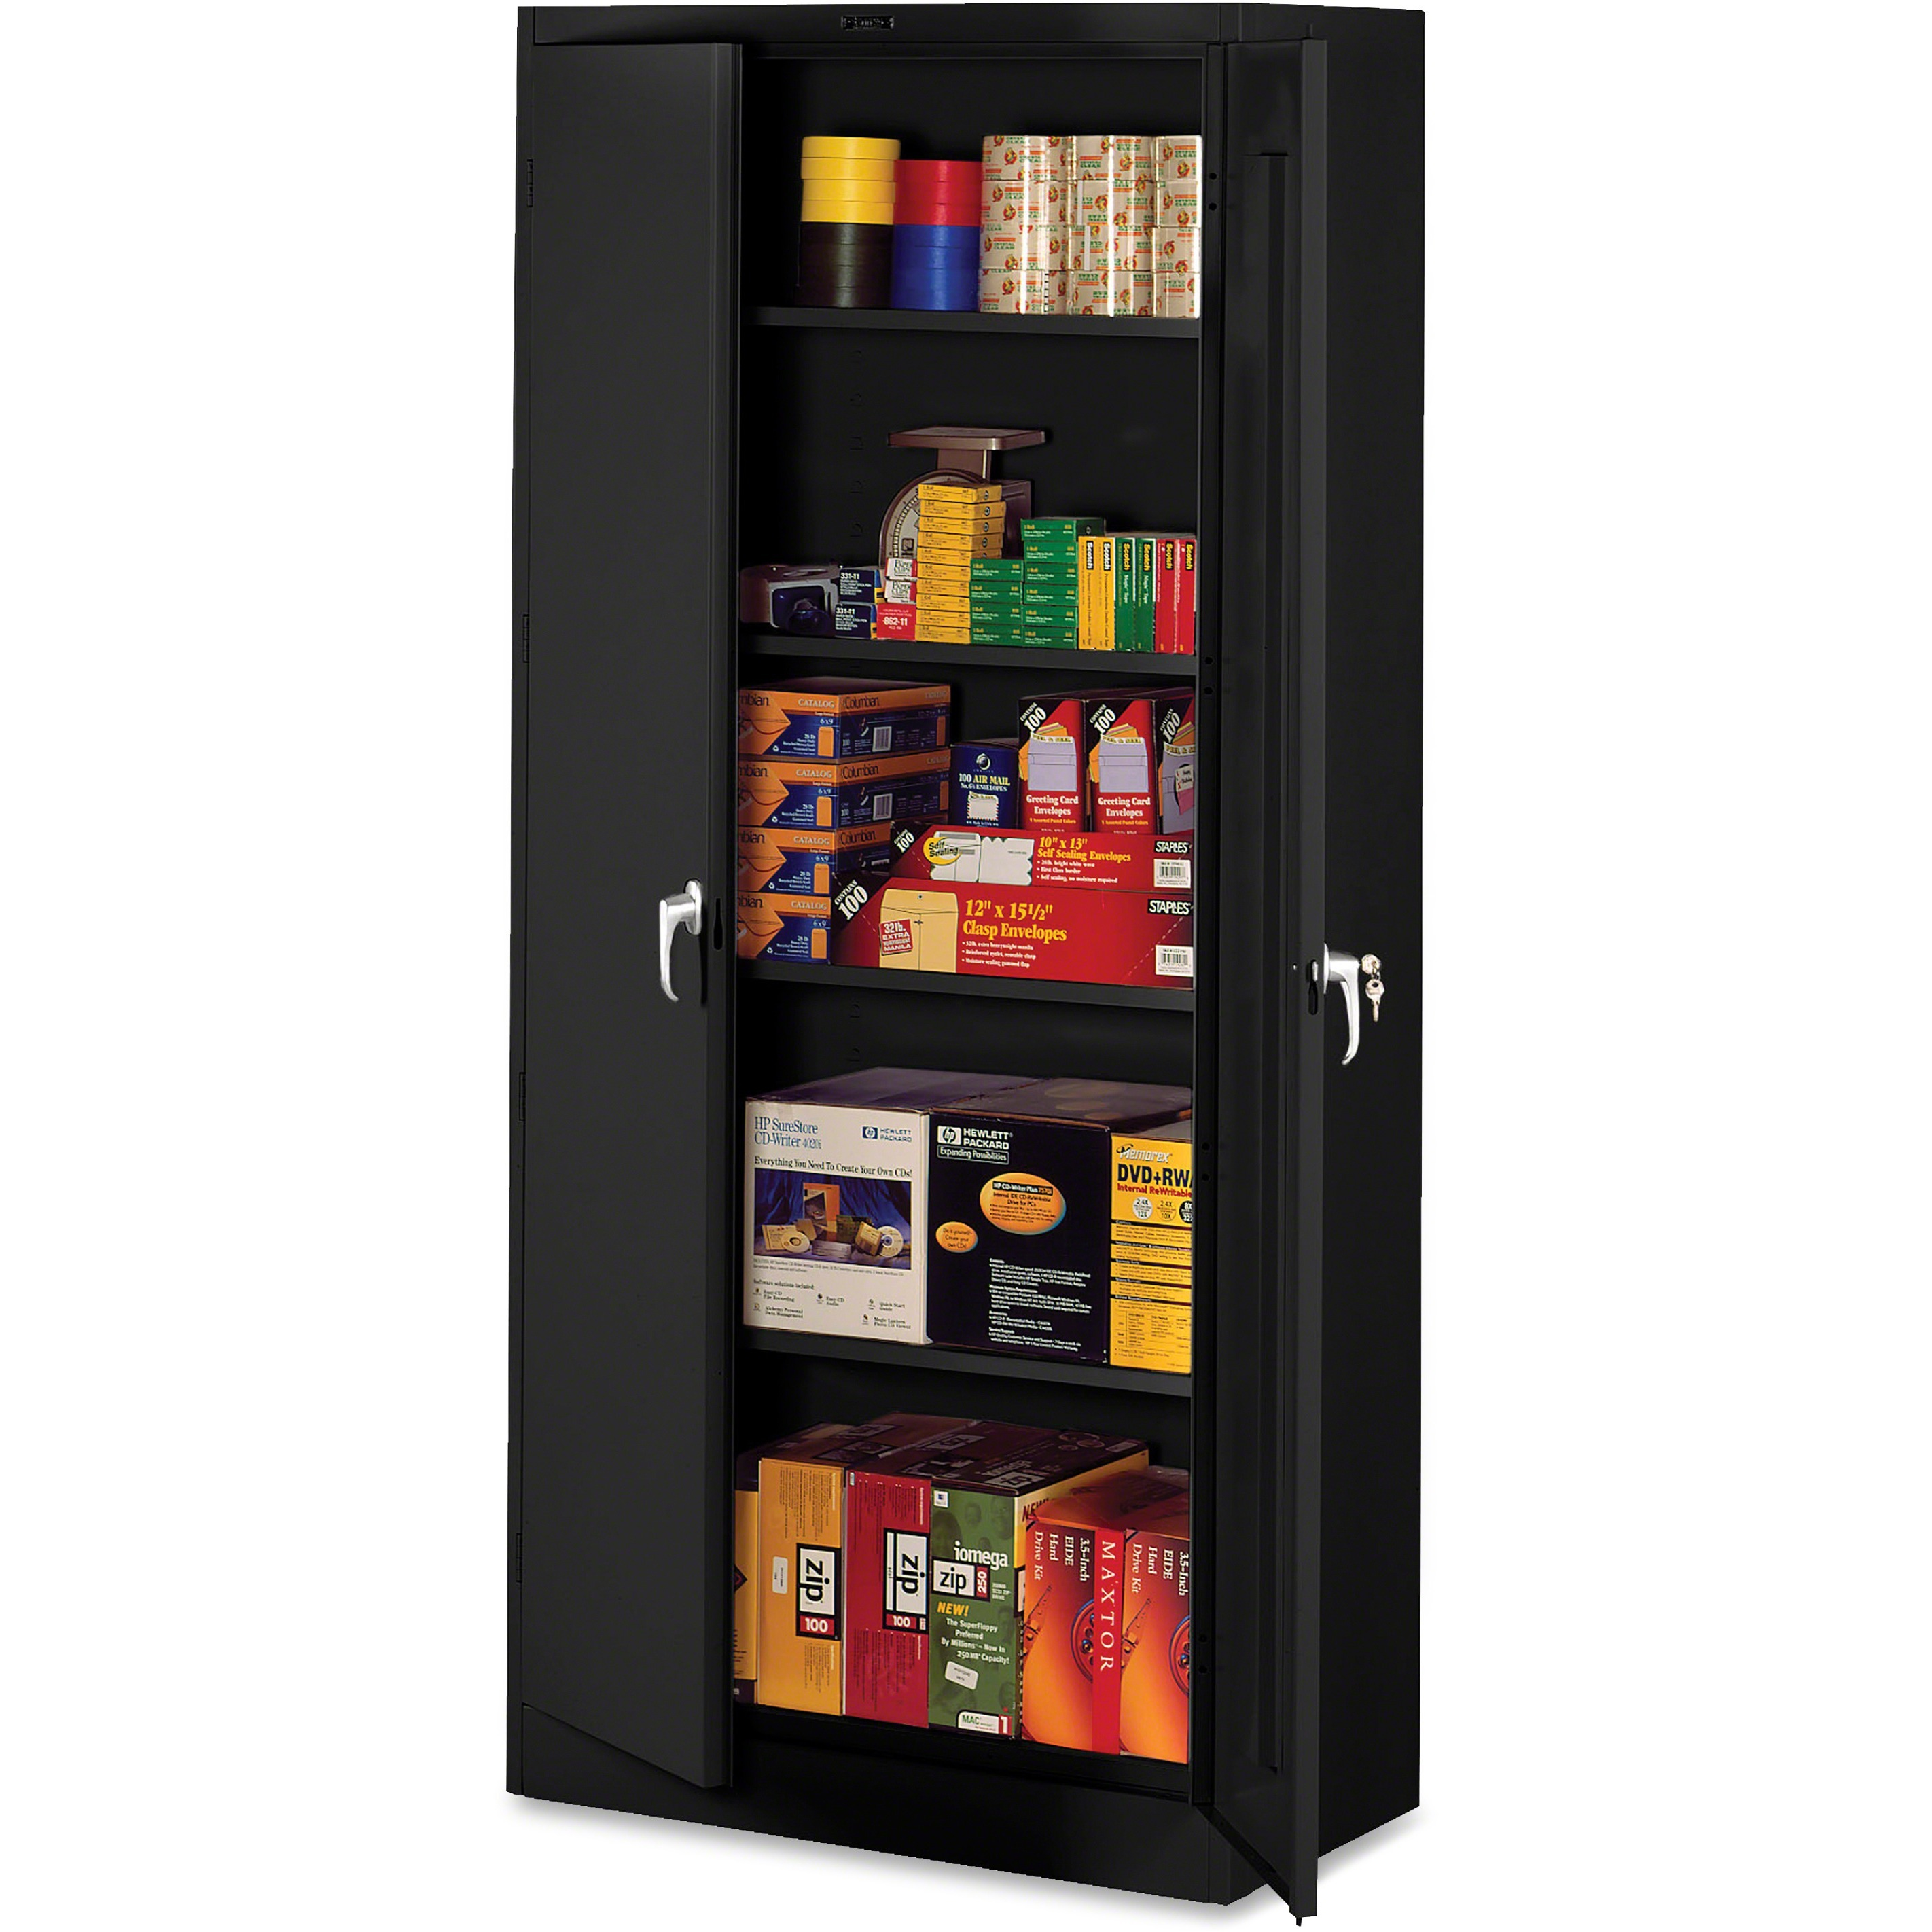 Tennsco, TNN1870BK, Black Deluxe Storage Cabinet, 1 Each, Black,Brushed Chrome - Handle